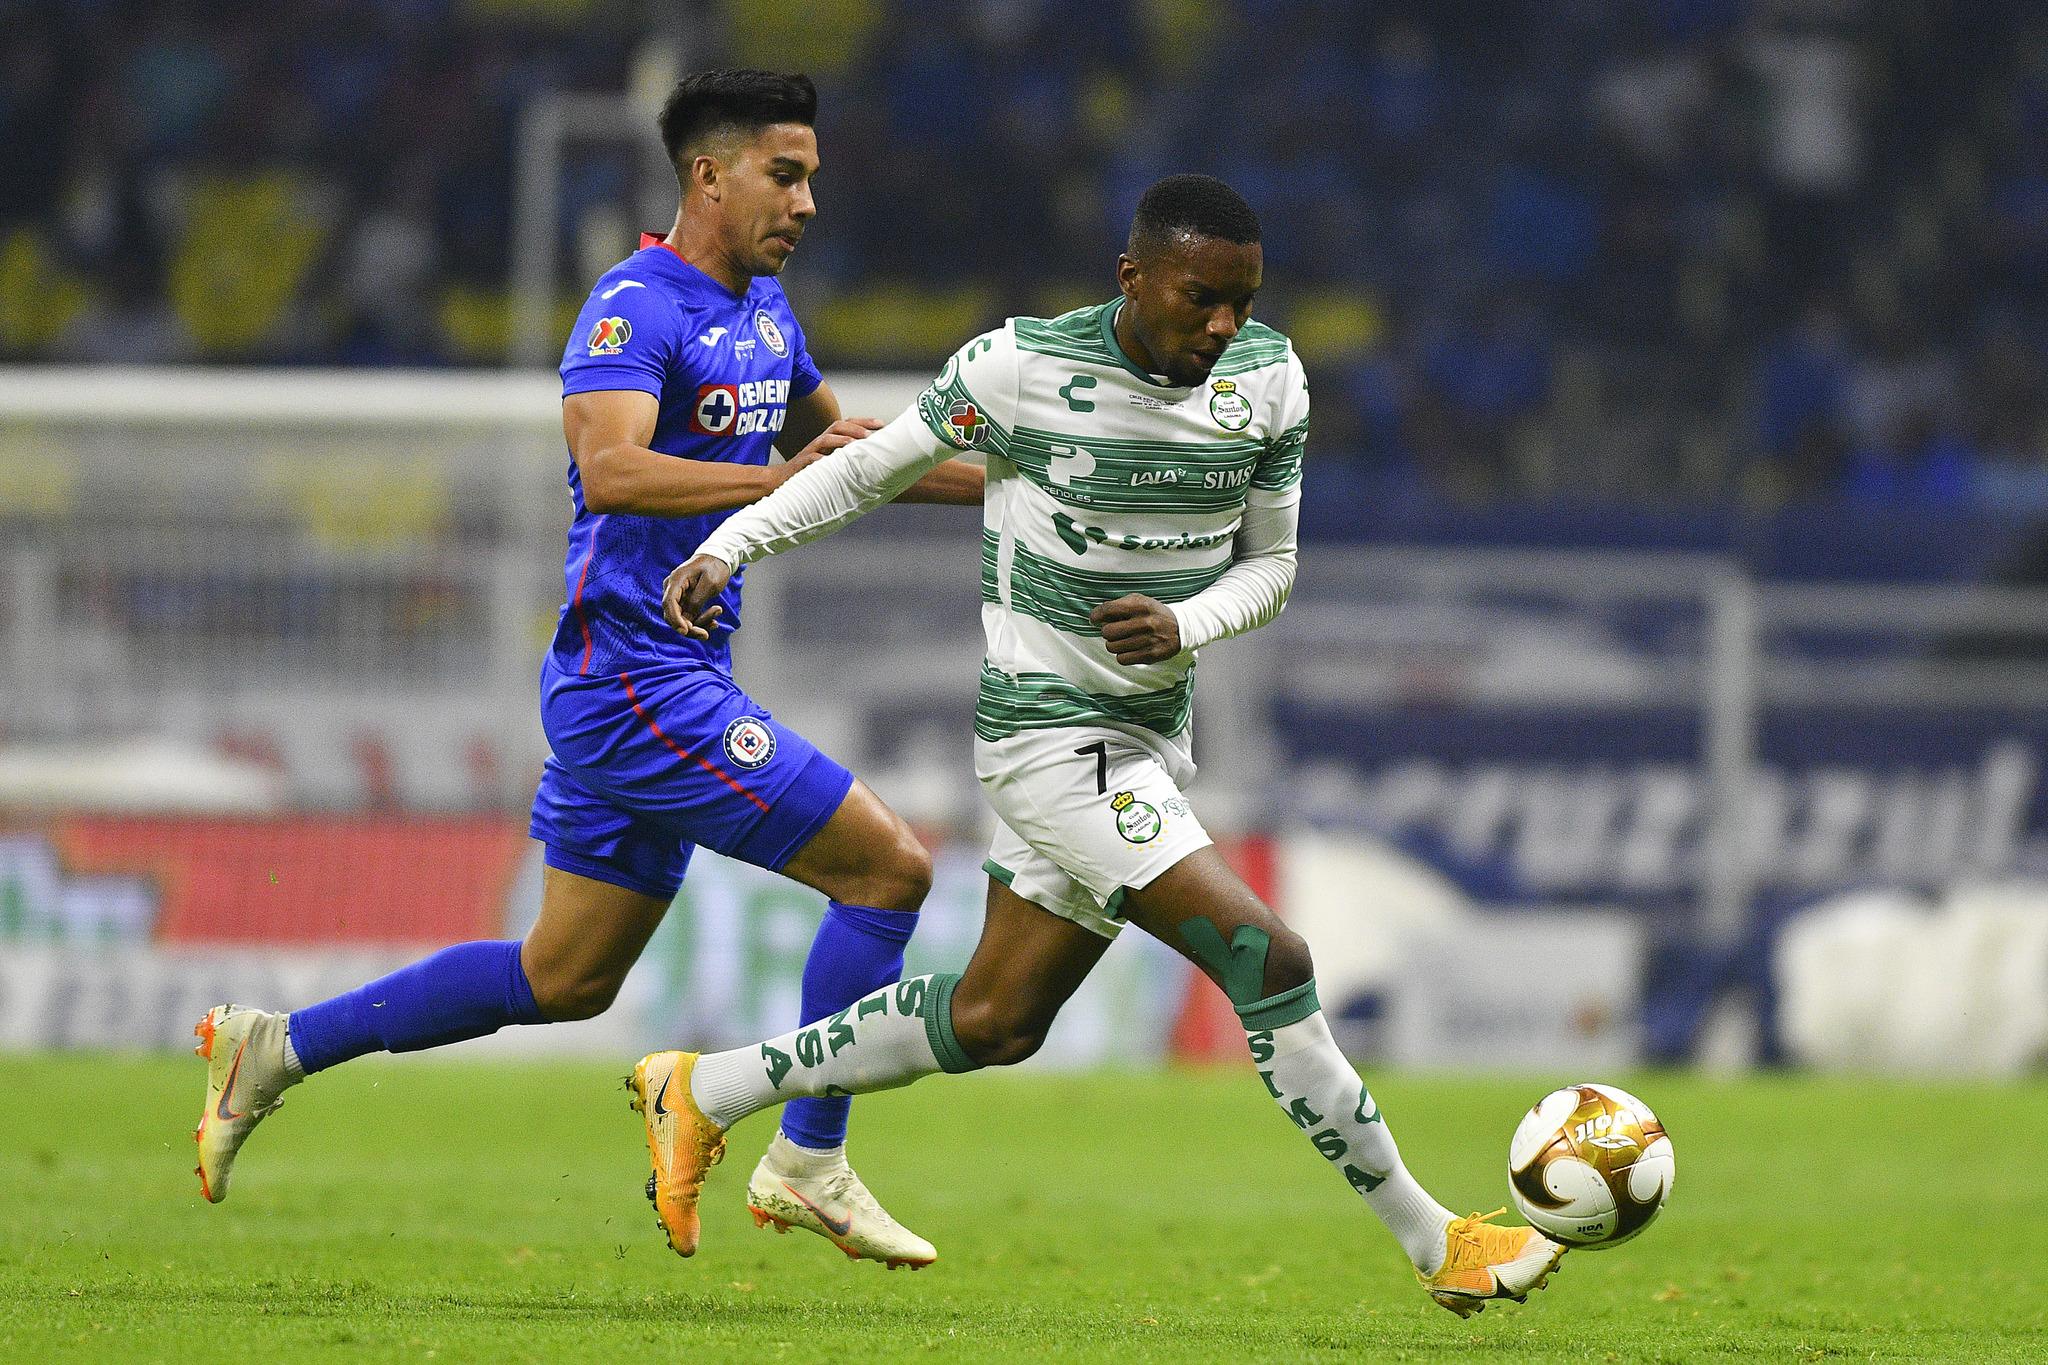 Santos Cruz Azul final jornada 2